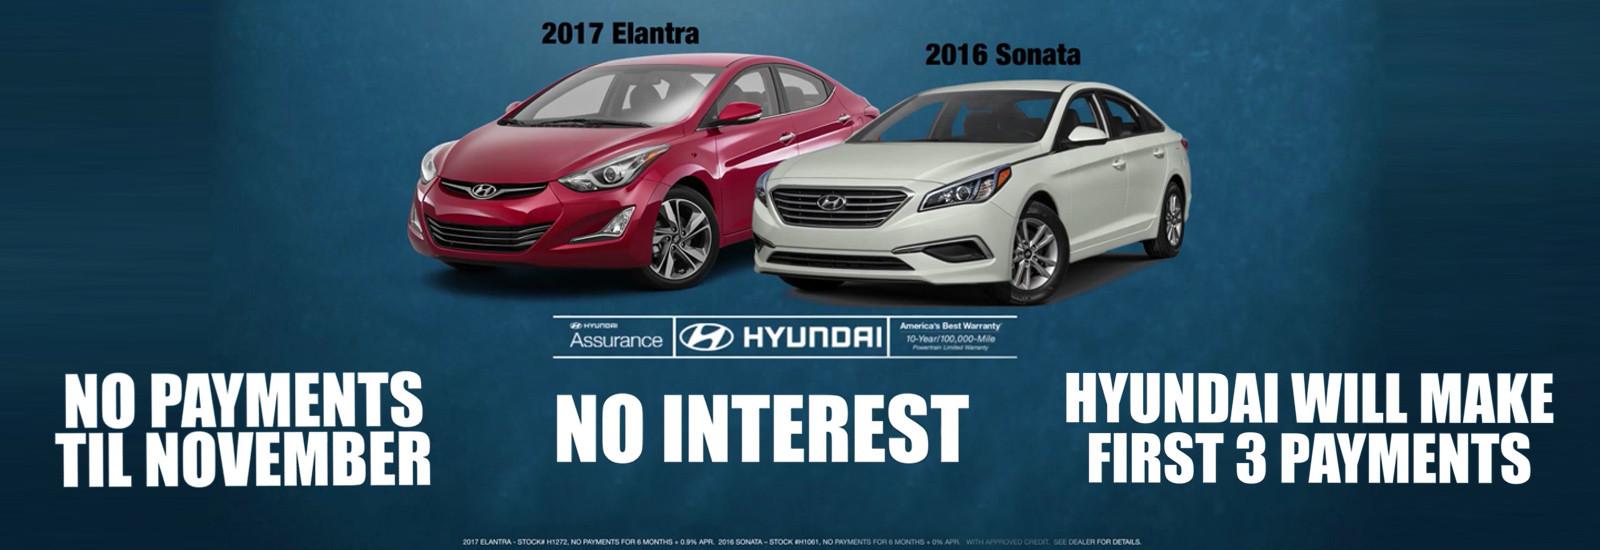 Hyundai Sonata & Elantra